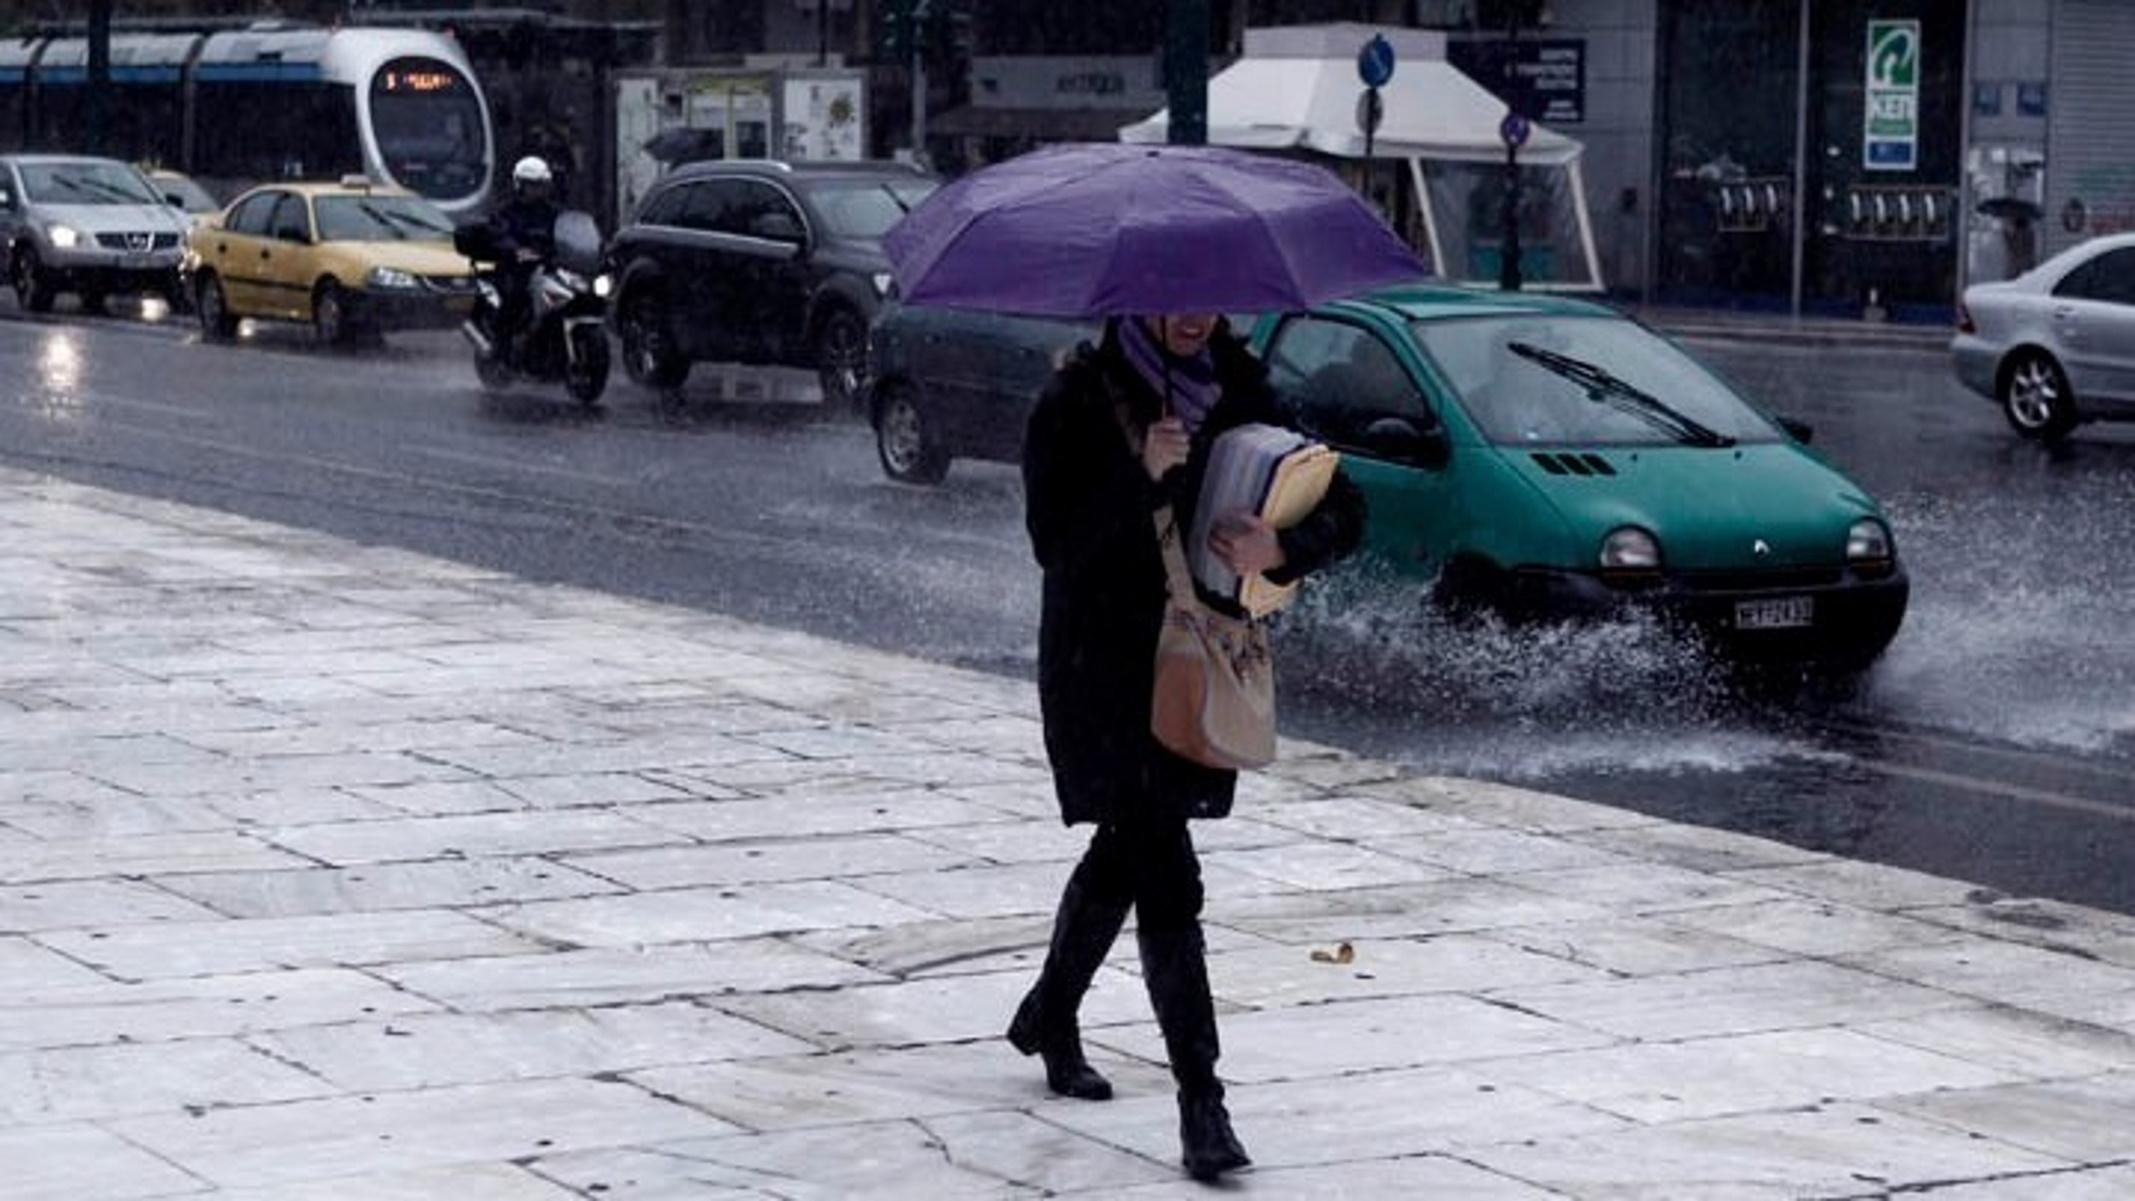 Καιρός αύριο: «Αγριεμένος» με βροχές και καταιγίδες  – Πού θα χιονίζει